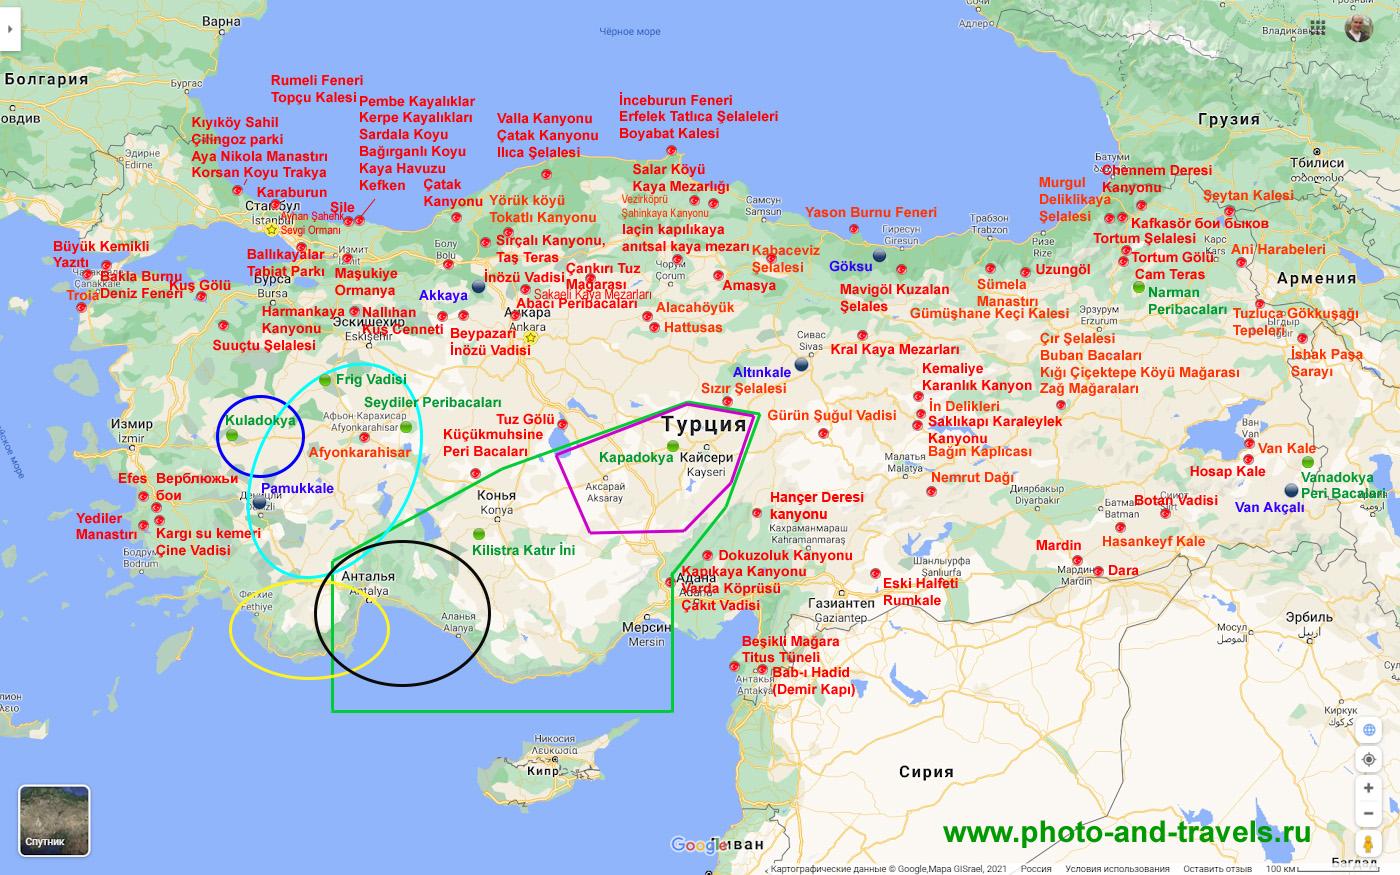 28. Карта со схемой расположения интересных мест Турции, к которым можно съездить из Стамбула, Фетхие, Анталии или Алании.